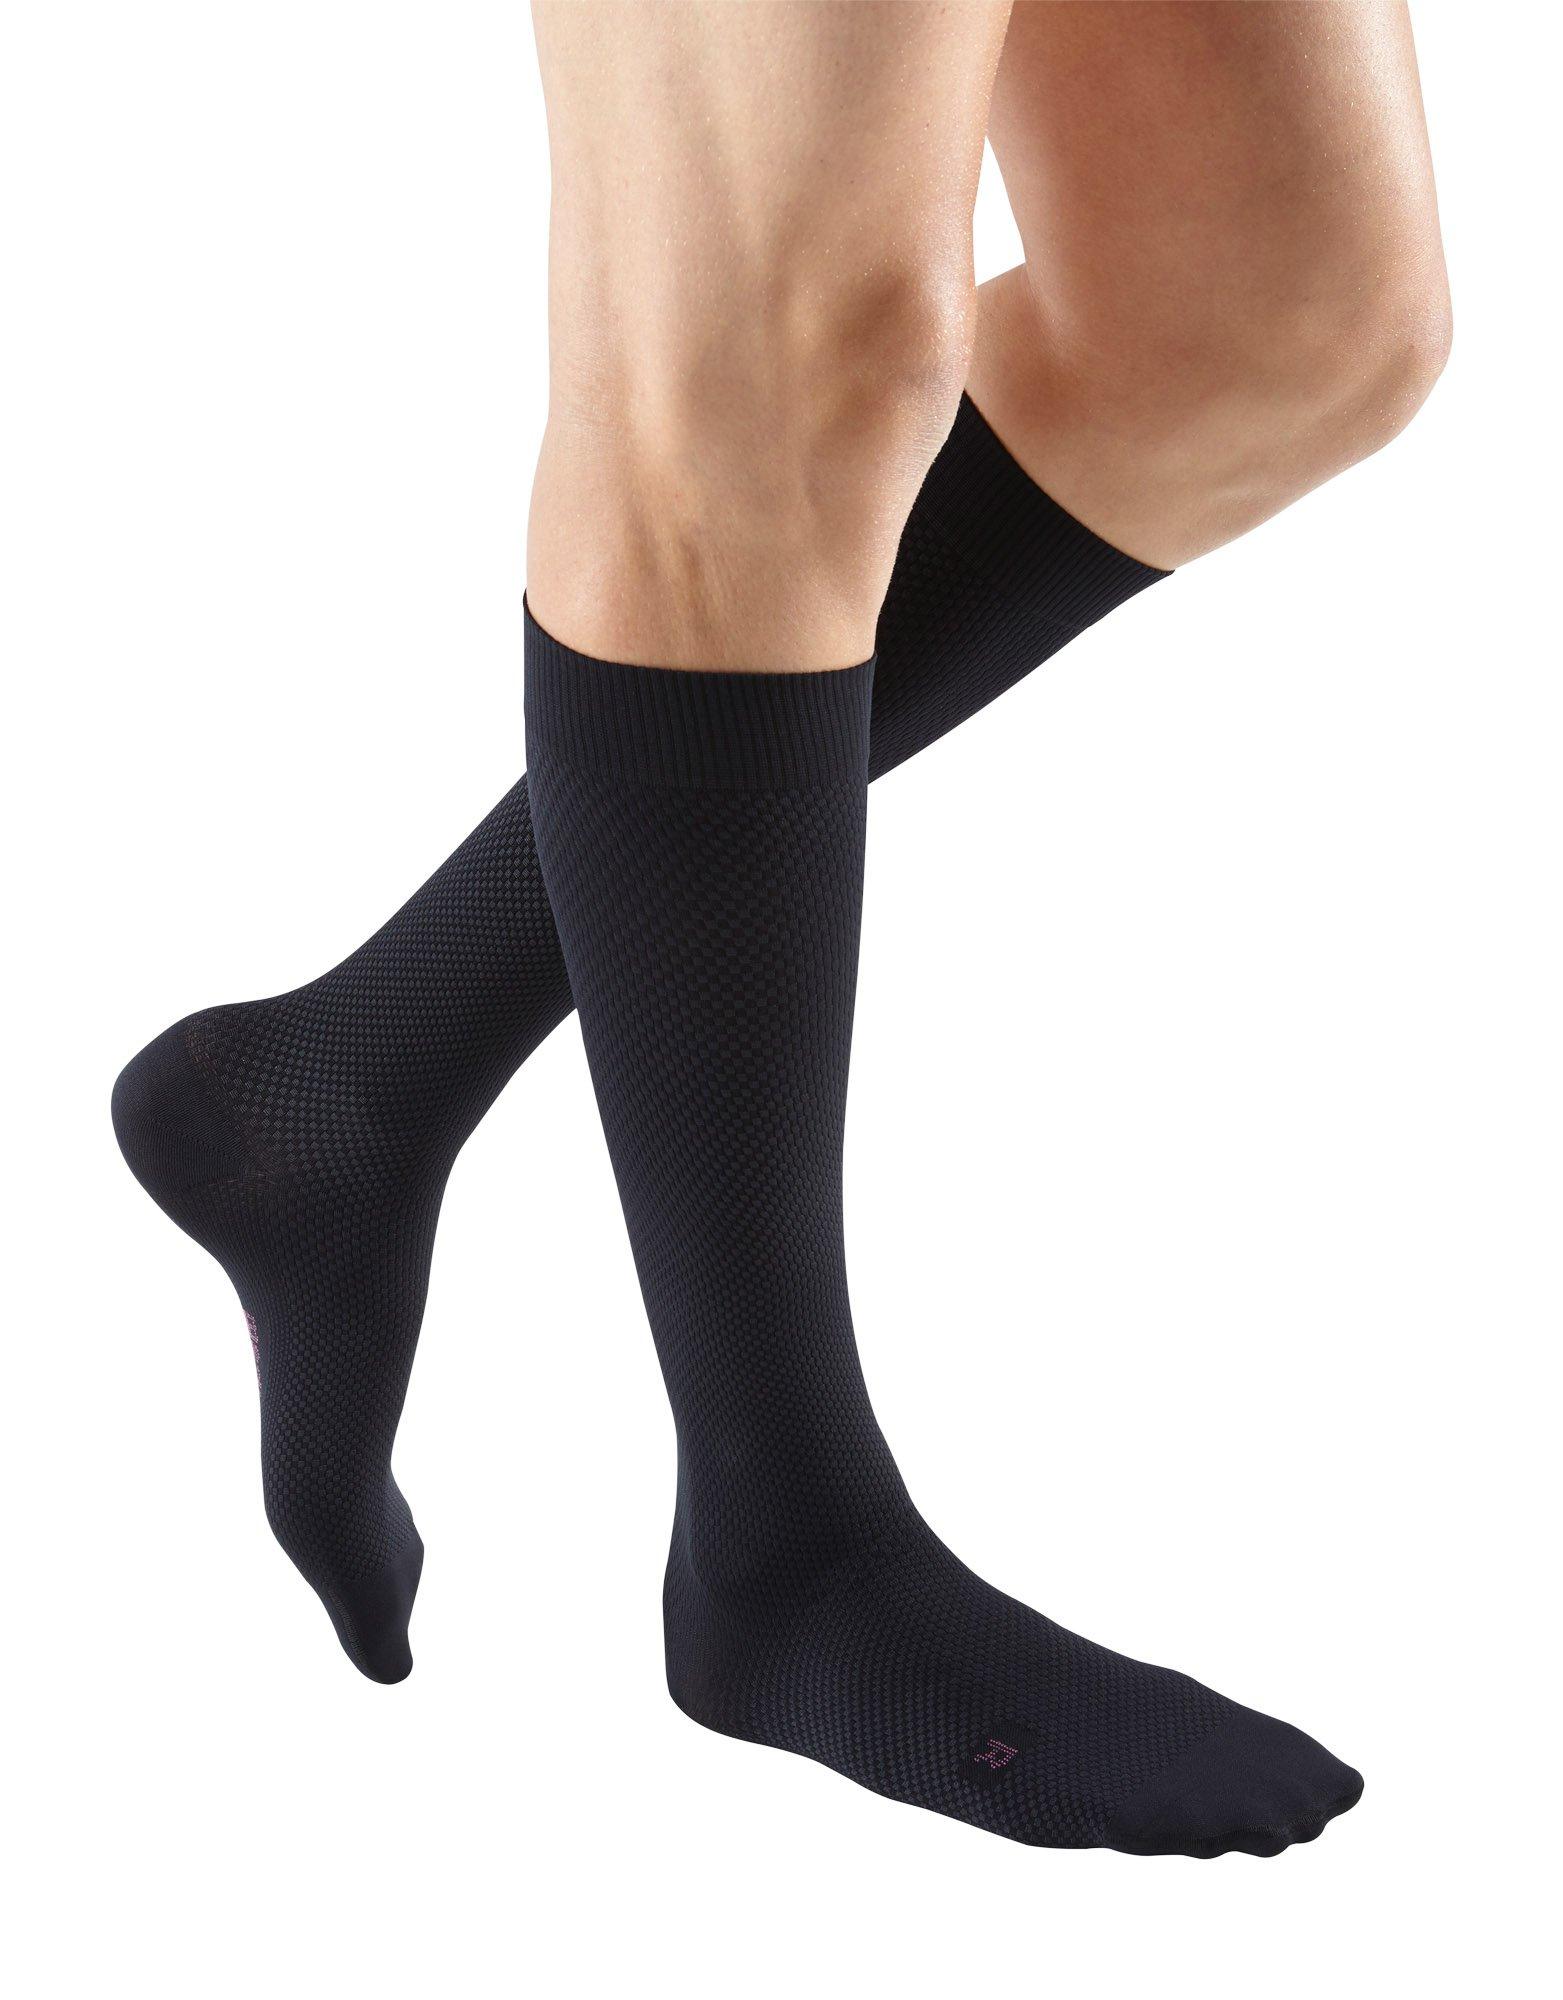 Amazon Com Mediven For Men Classic 20 30 Mmhg Calf High Compression Stockings Closed Toe